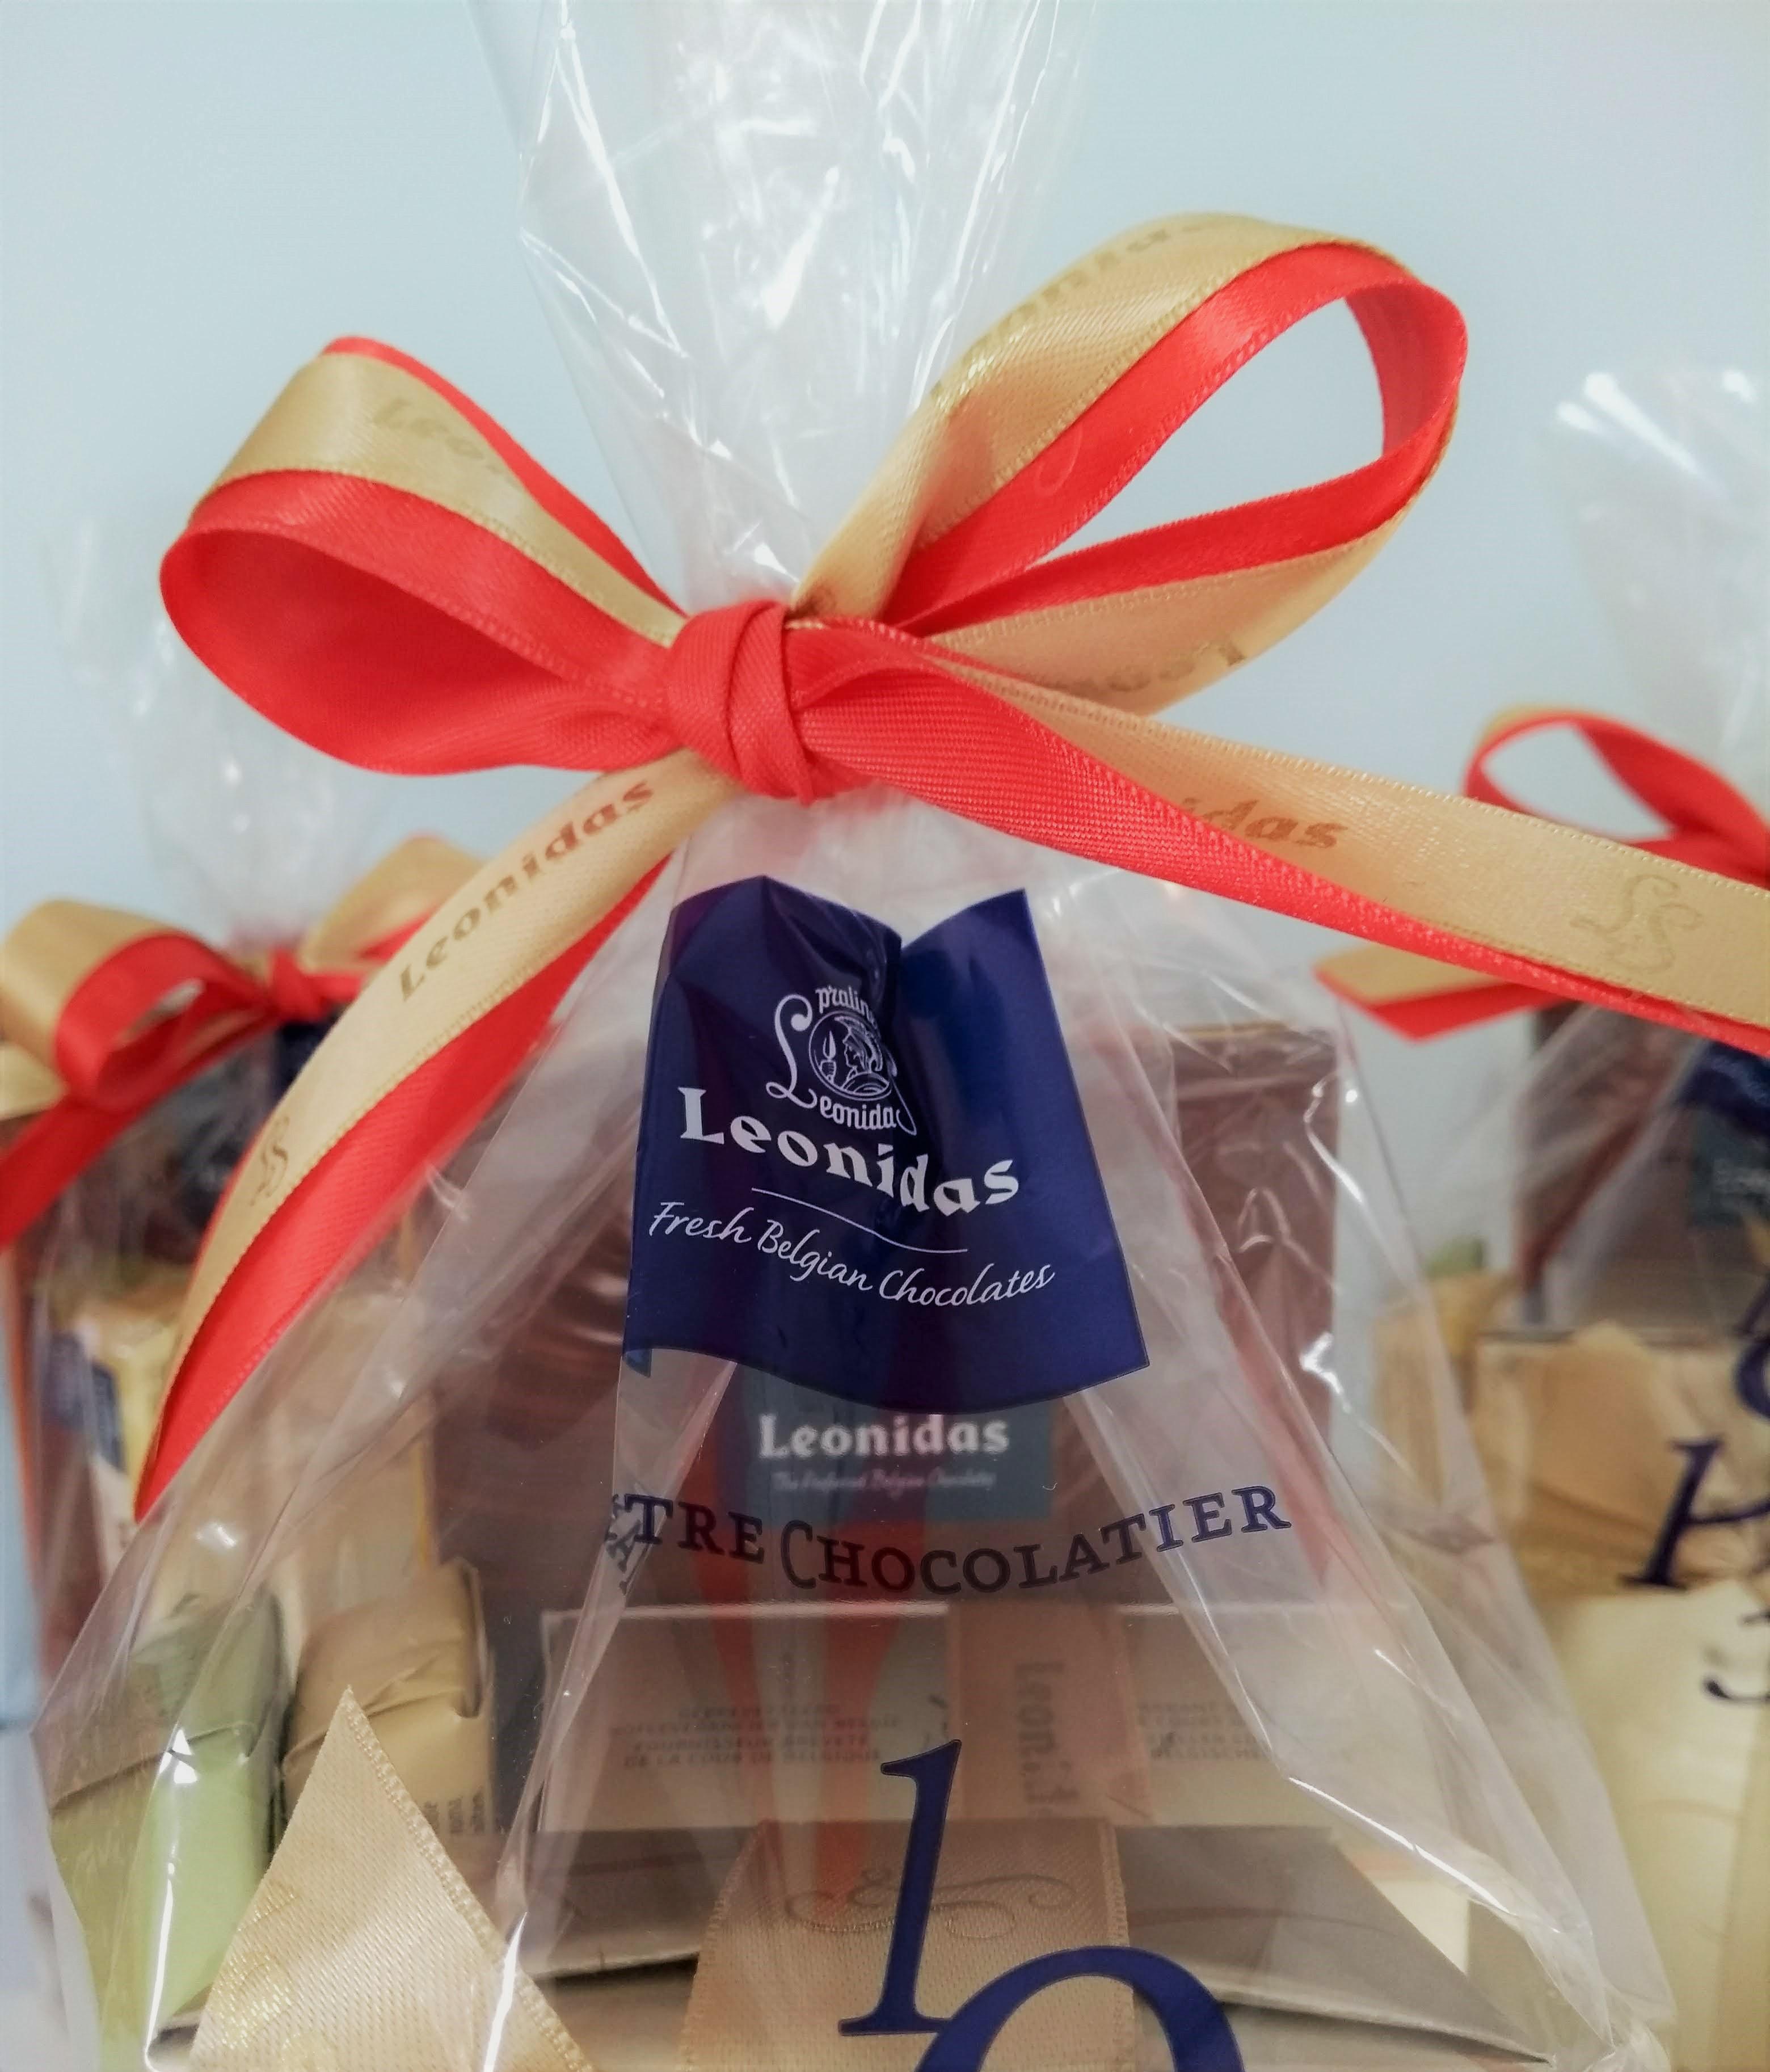 Leonidas chocoladepakket